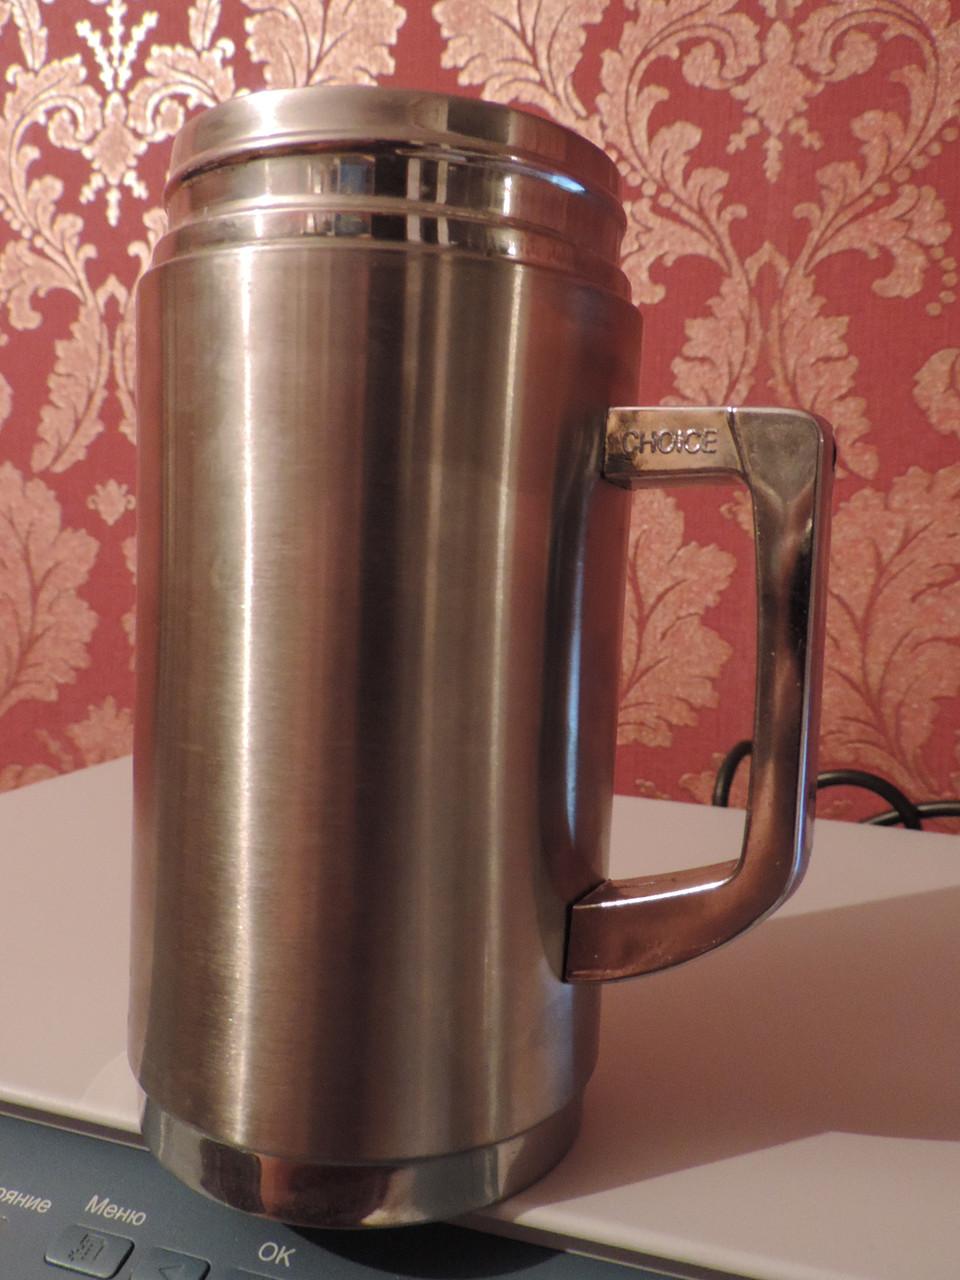 """Кружка термос """"Office Cup"""" - 400 ml. Нержавейка."""